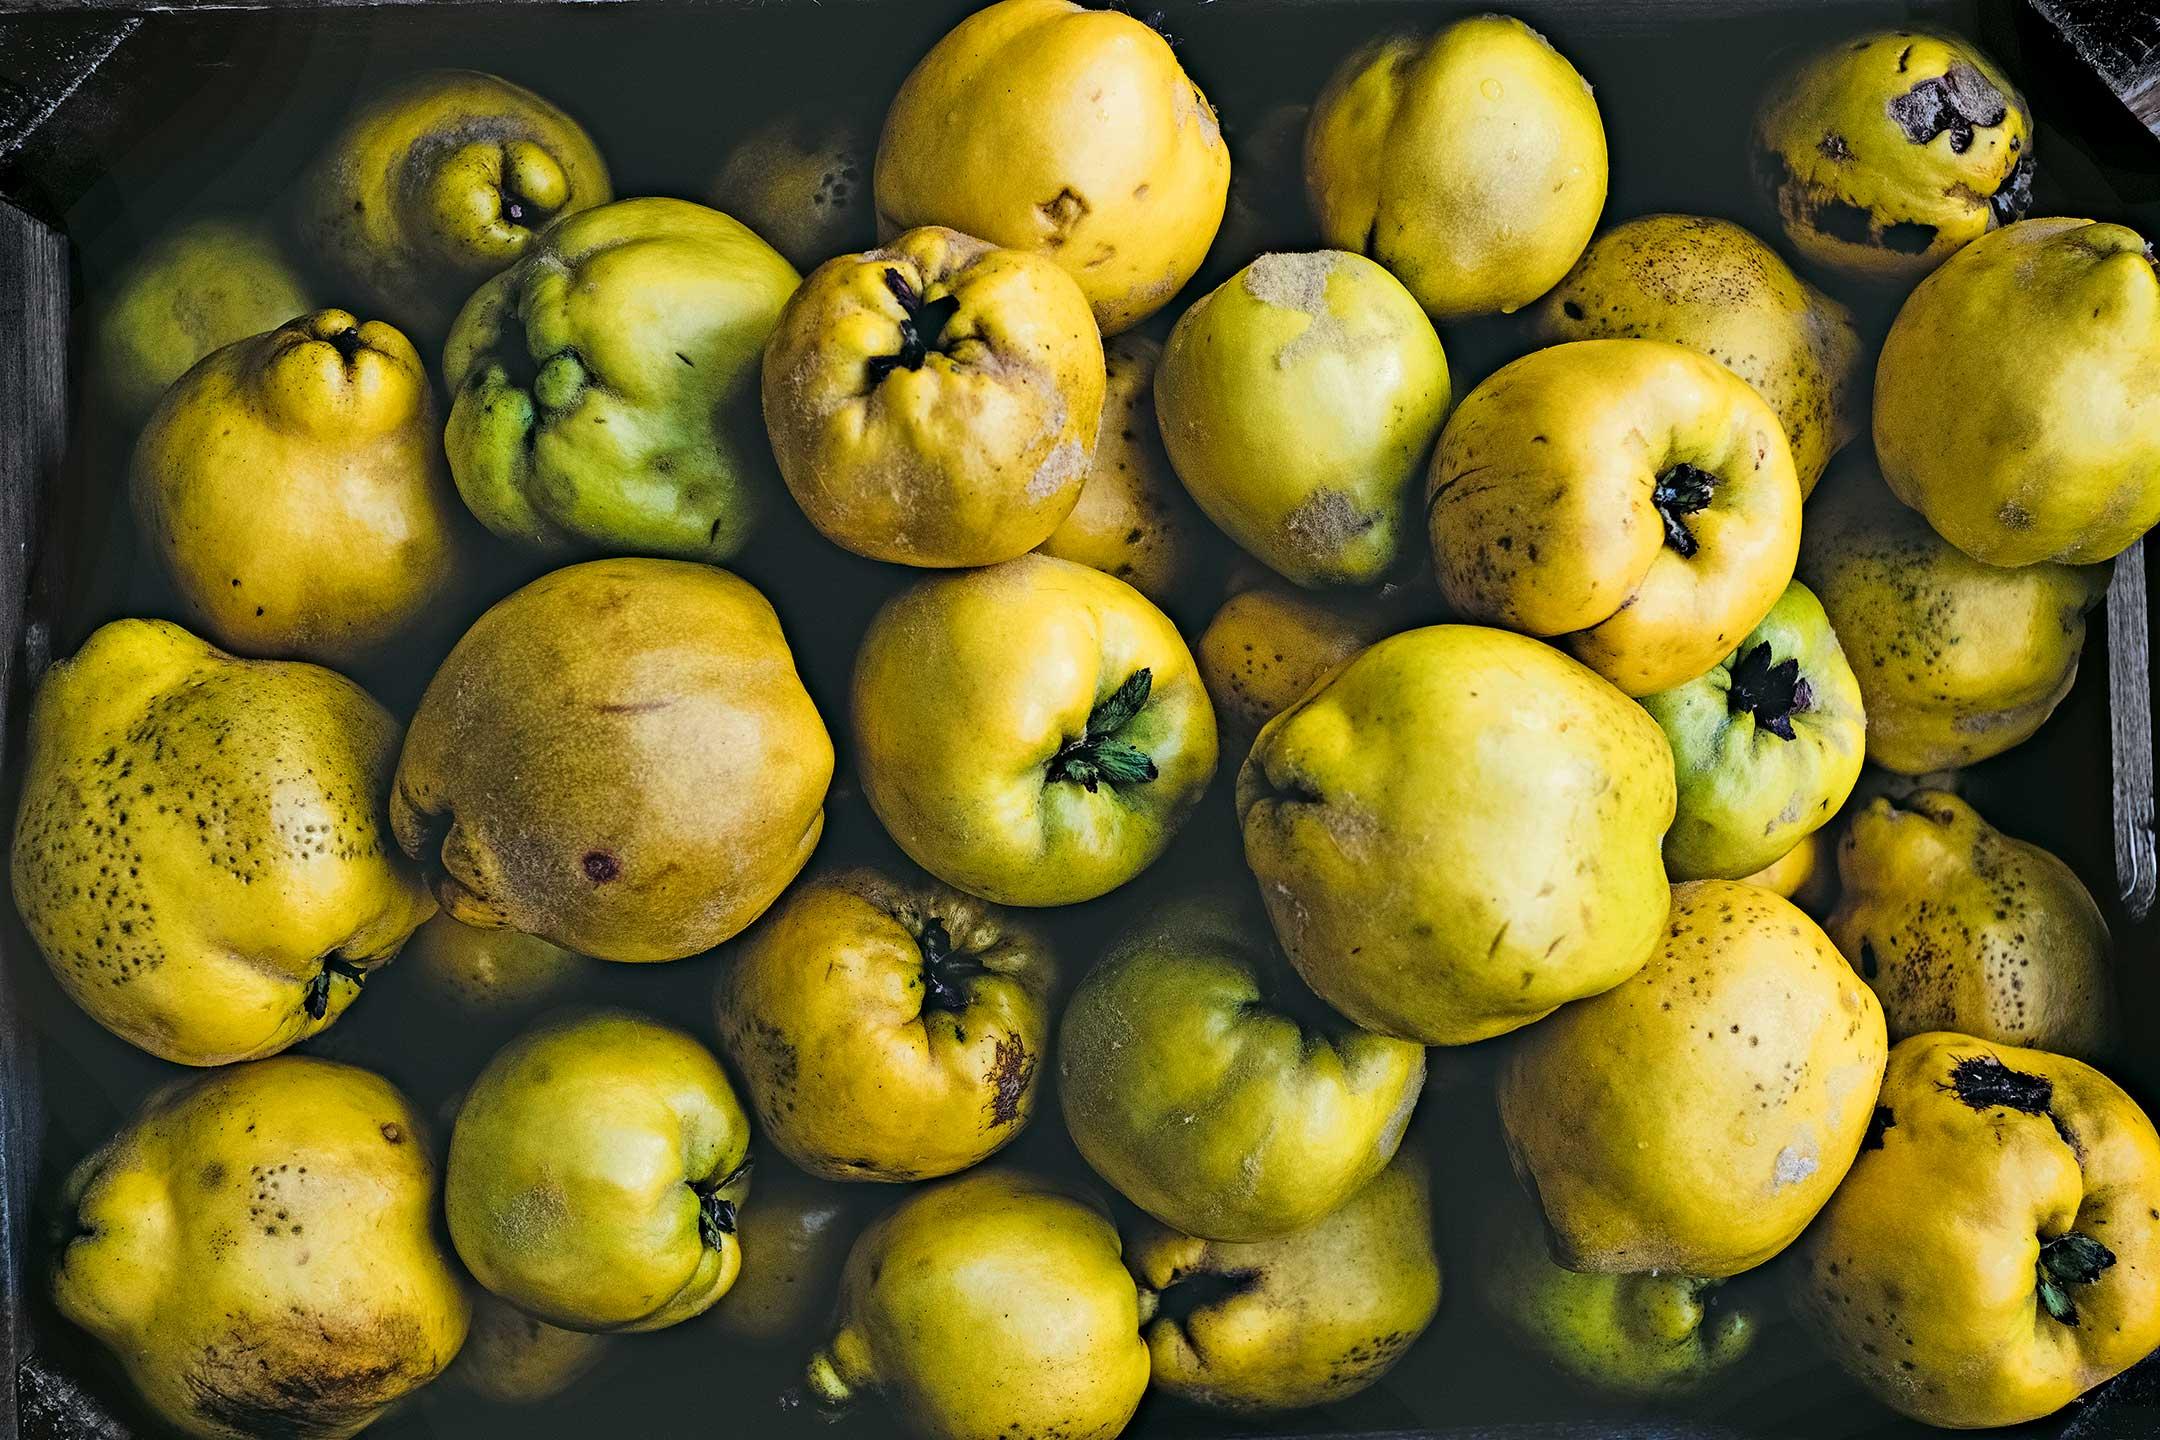 Quitten mit braunem Fruchtfleisch